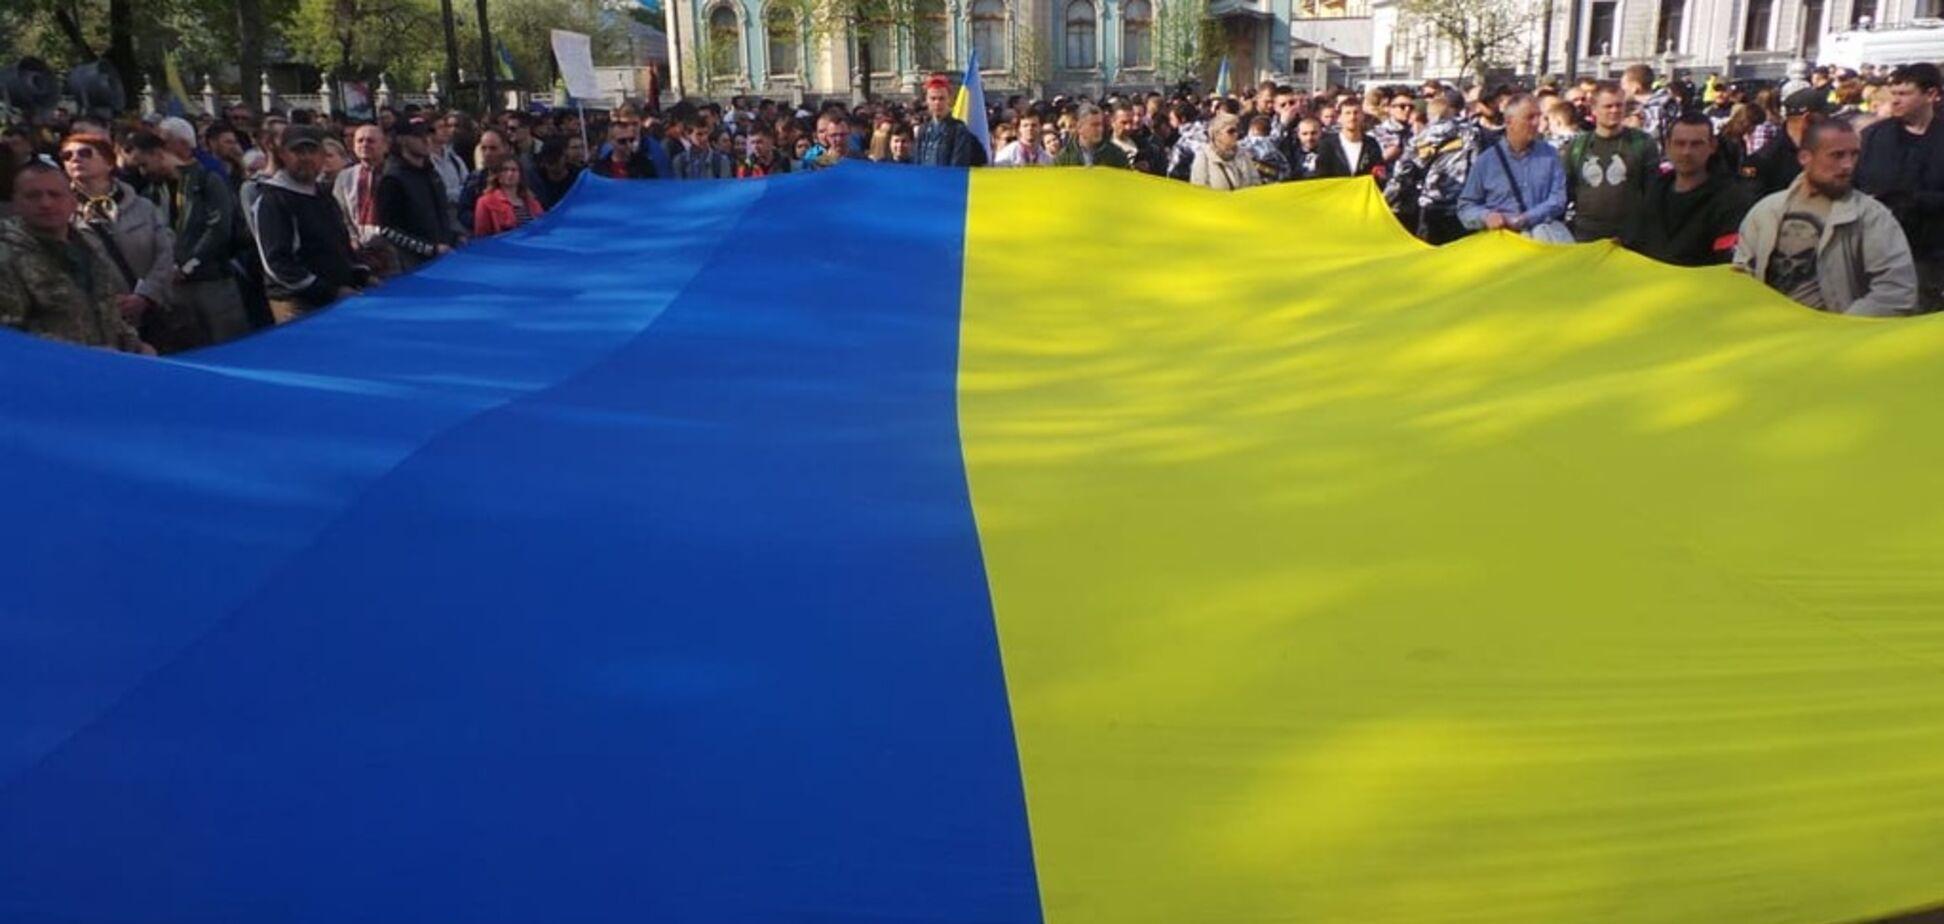 Системний закон про українську мову. Вперше